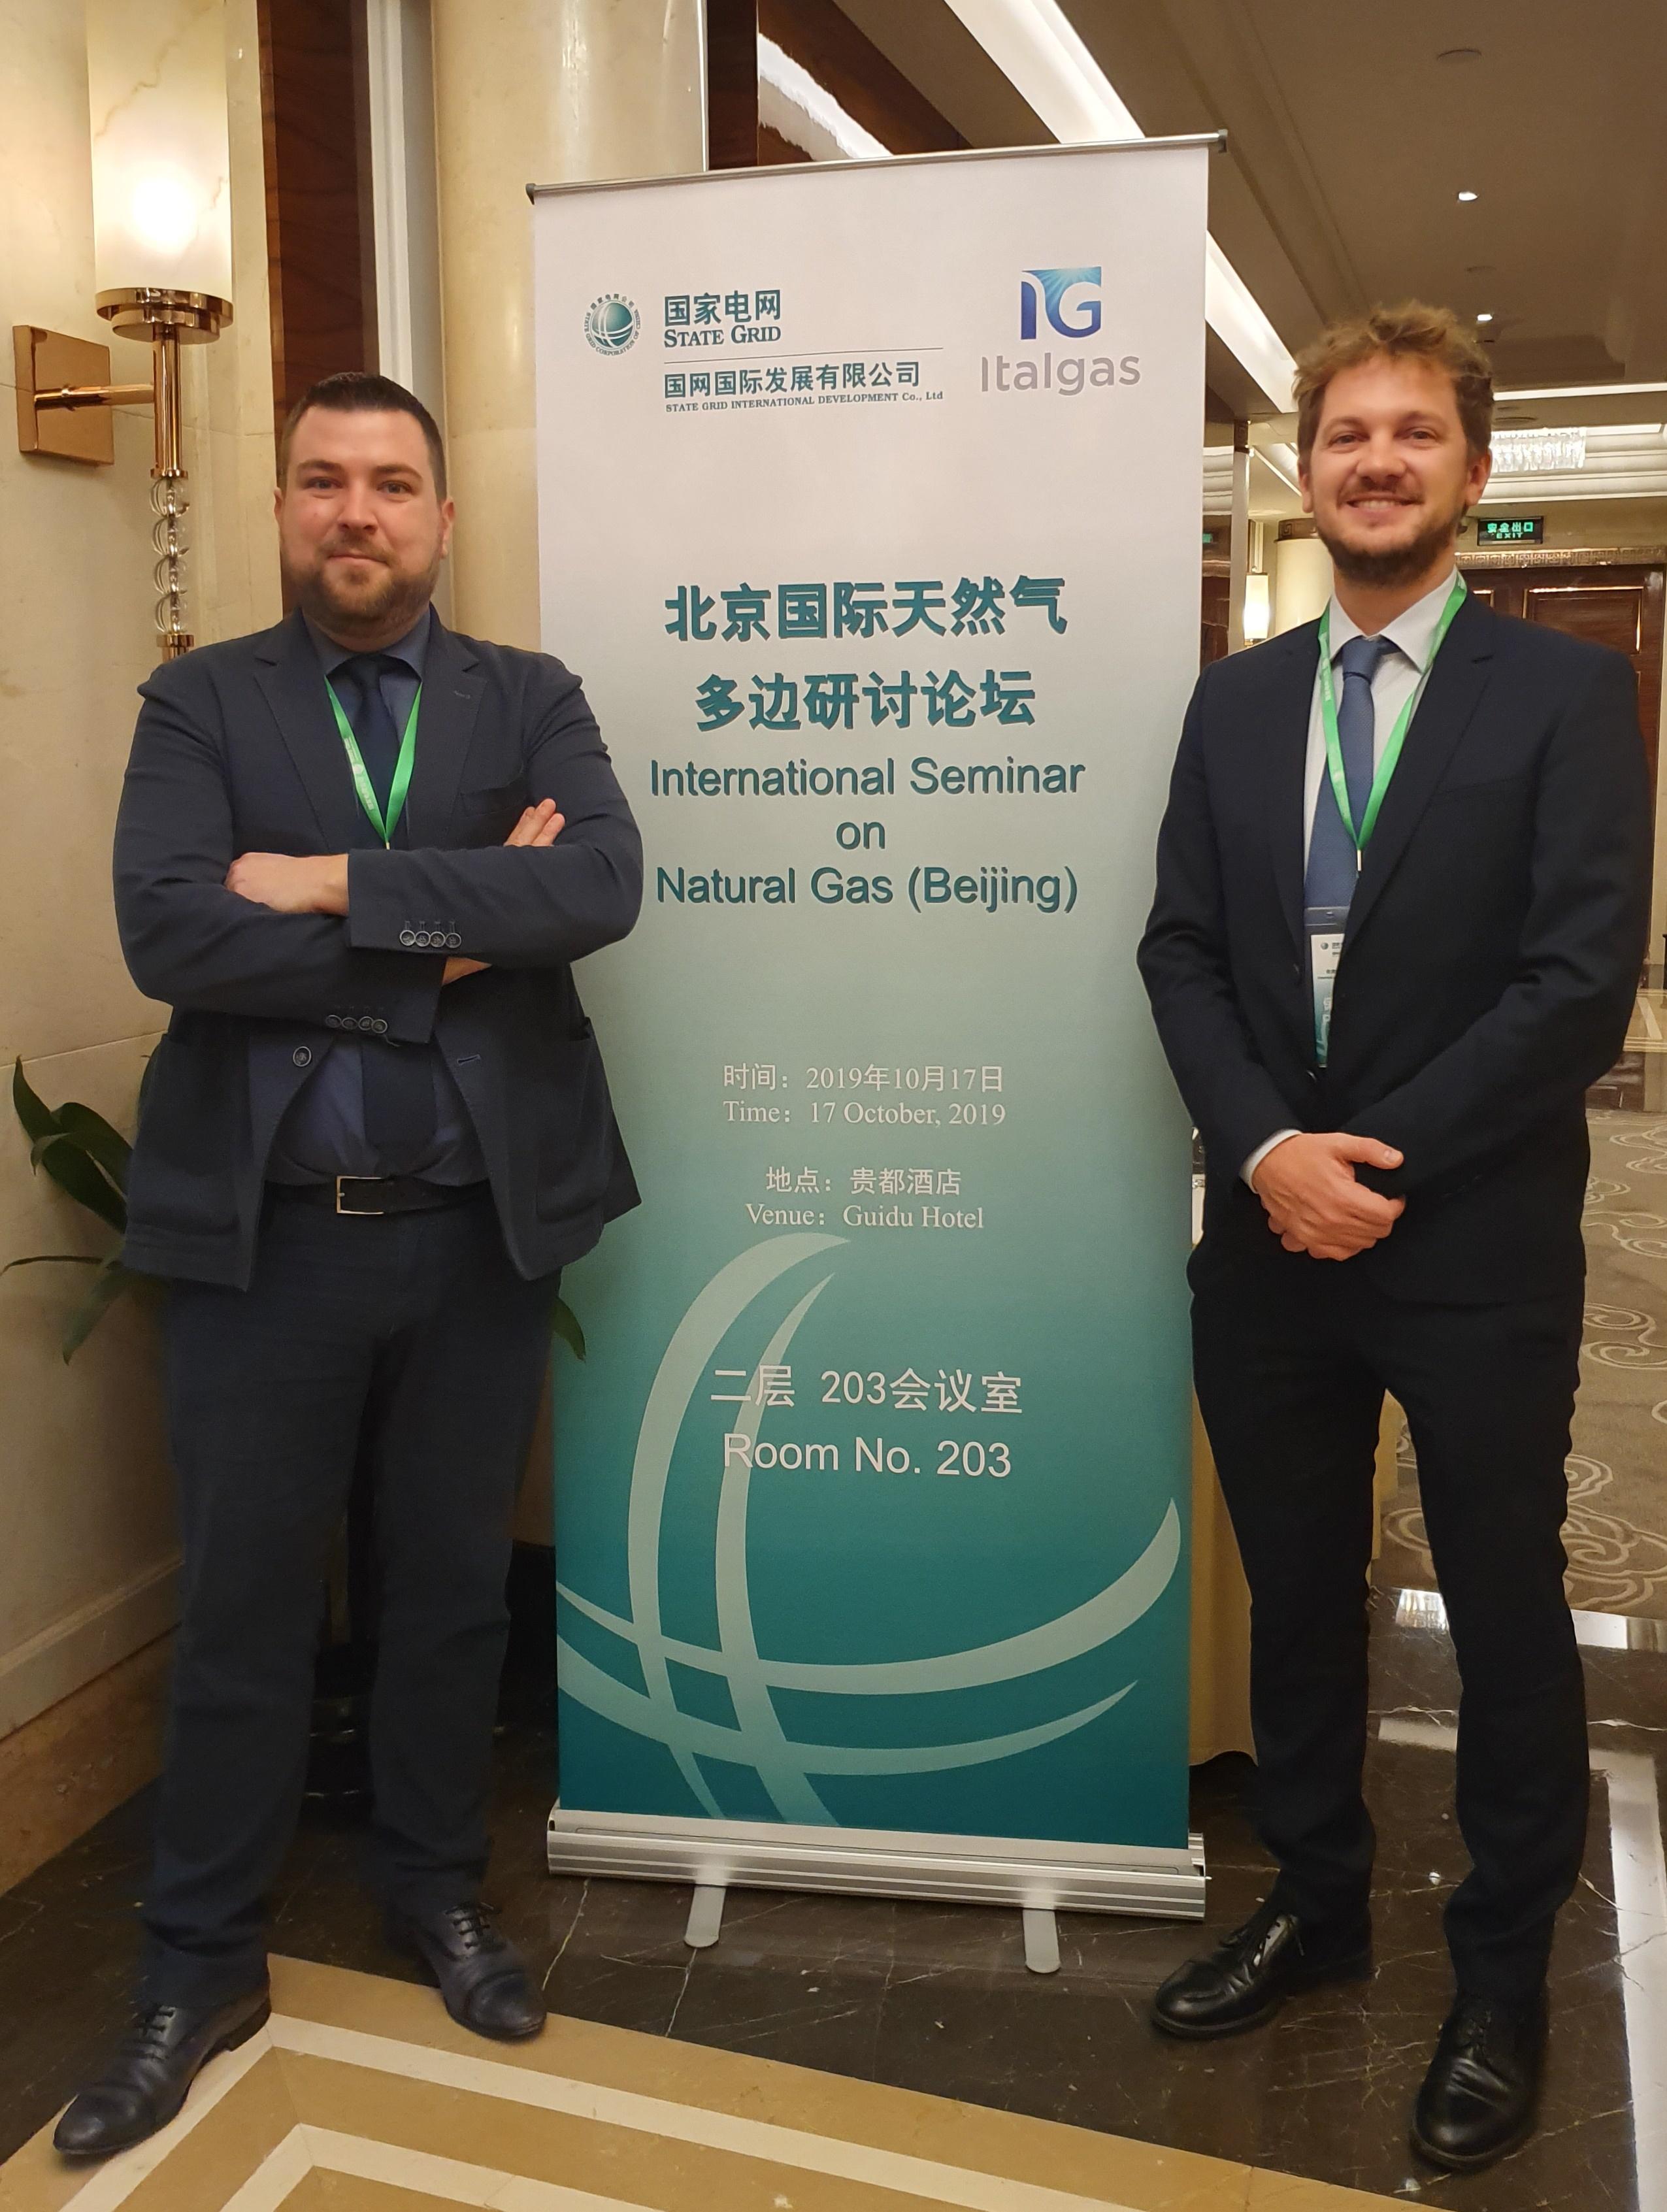 Cpl Concordia in Cina con la delegazione Italgas per esportare soluzioni nel mercato del gas